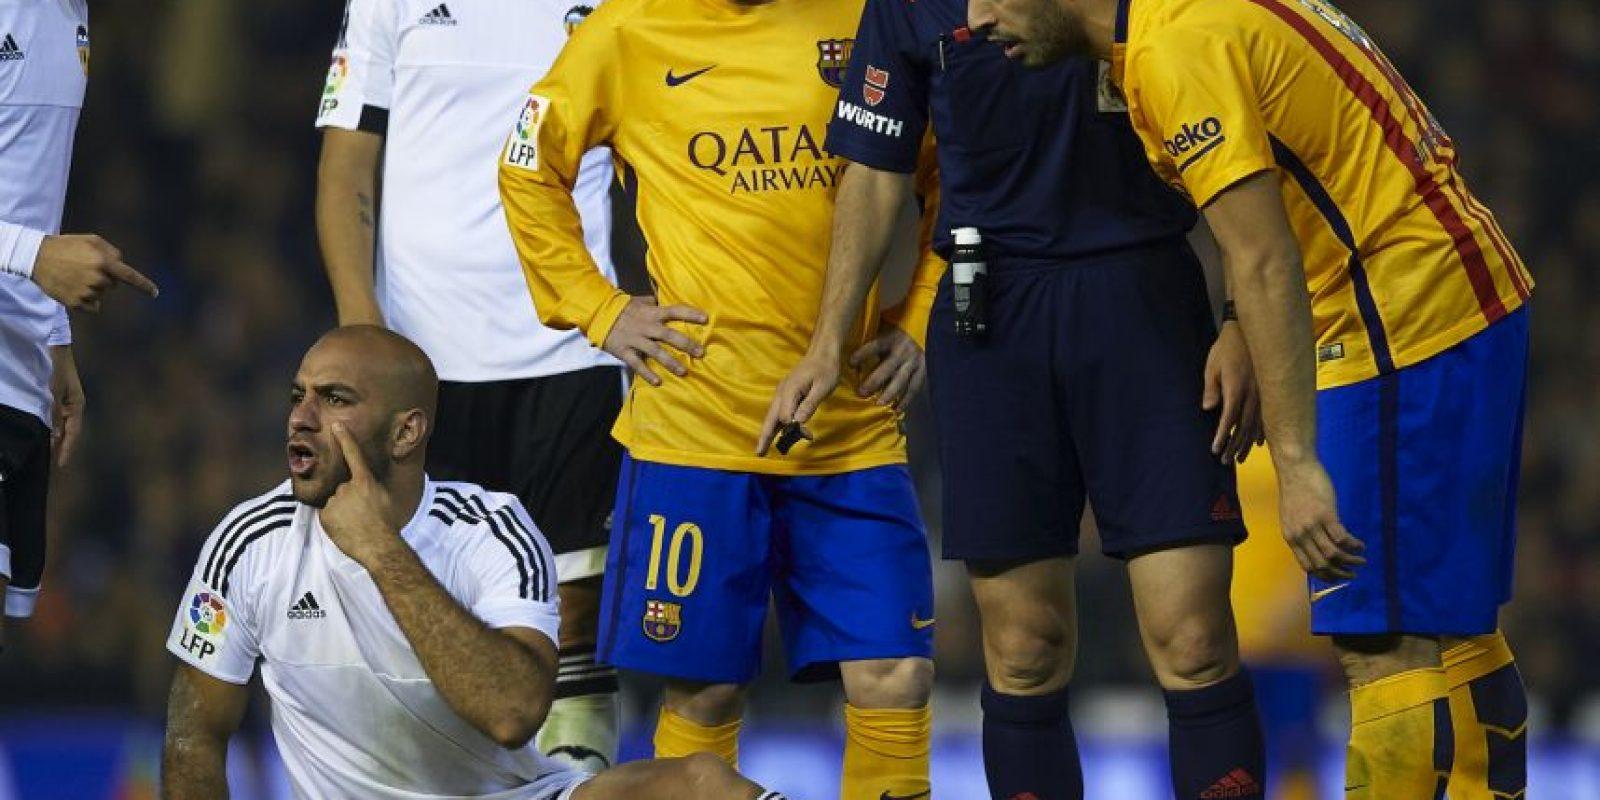 El ganador jugará contra el vencedor de la llave entre Celta de Vigo y Sevilla Foto:Getty Images